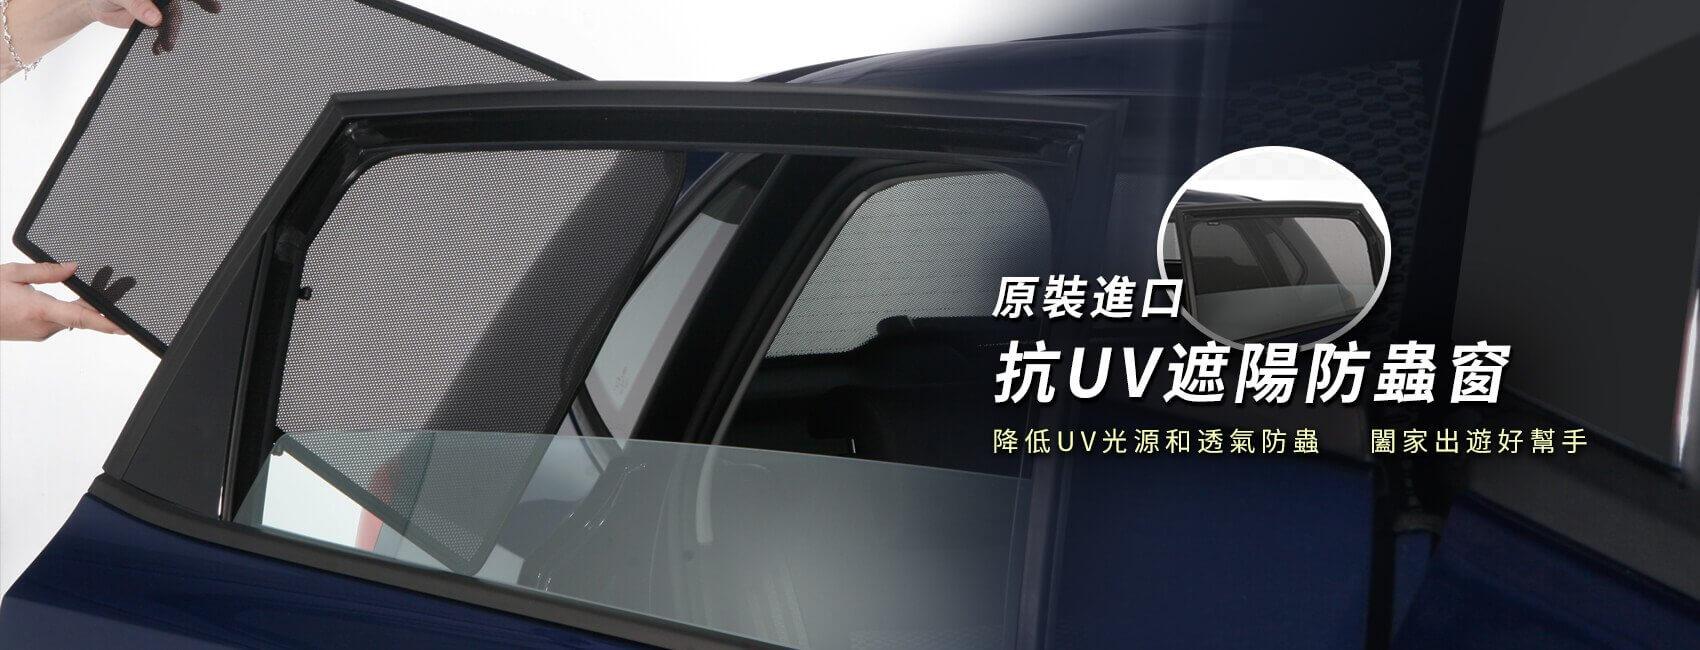 原裝進口 抗UV遮陽防蟲窗